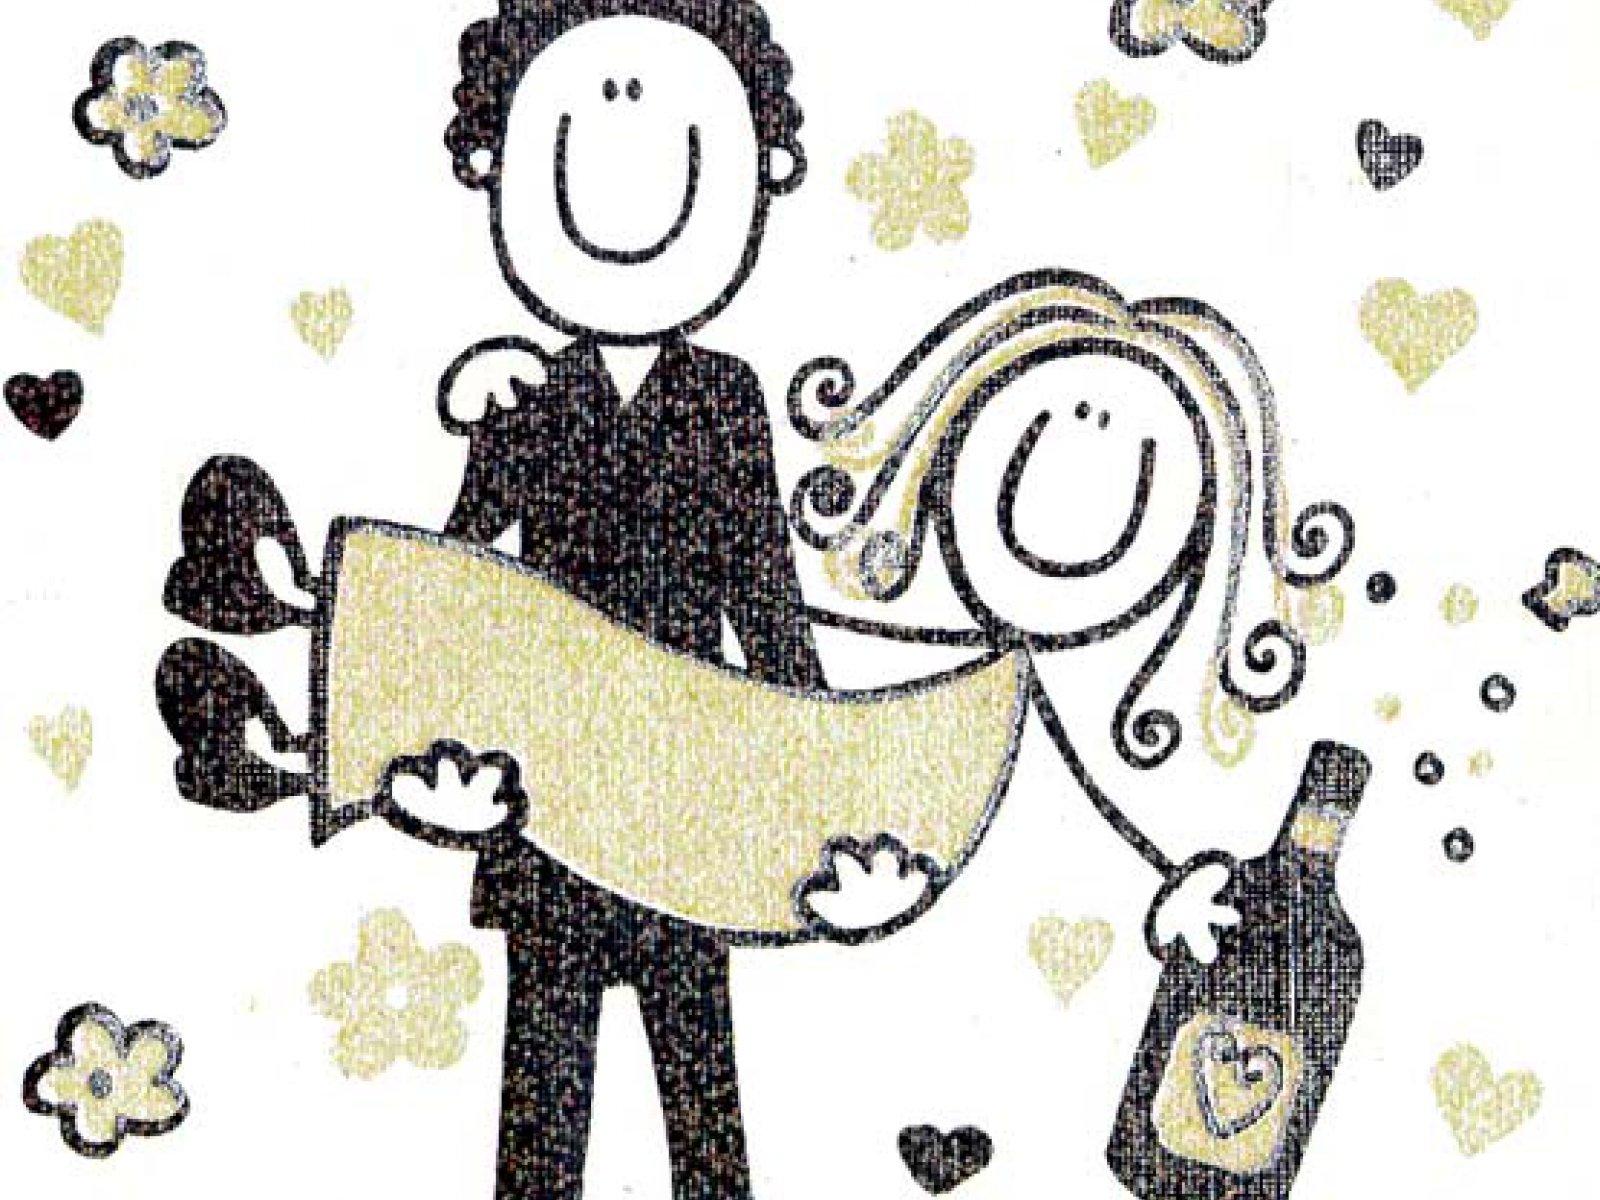 С 15 летием свадьбы картинки прикольные, для предприятия